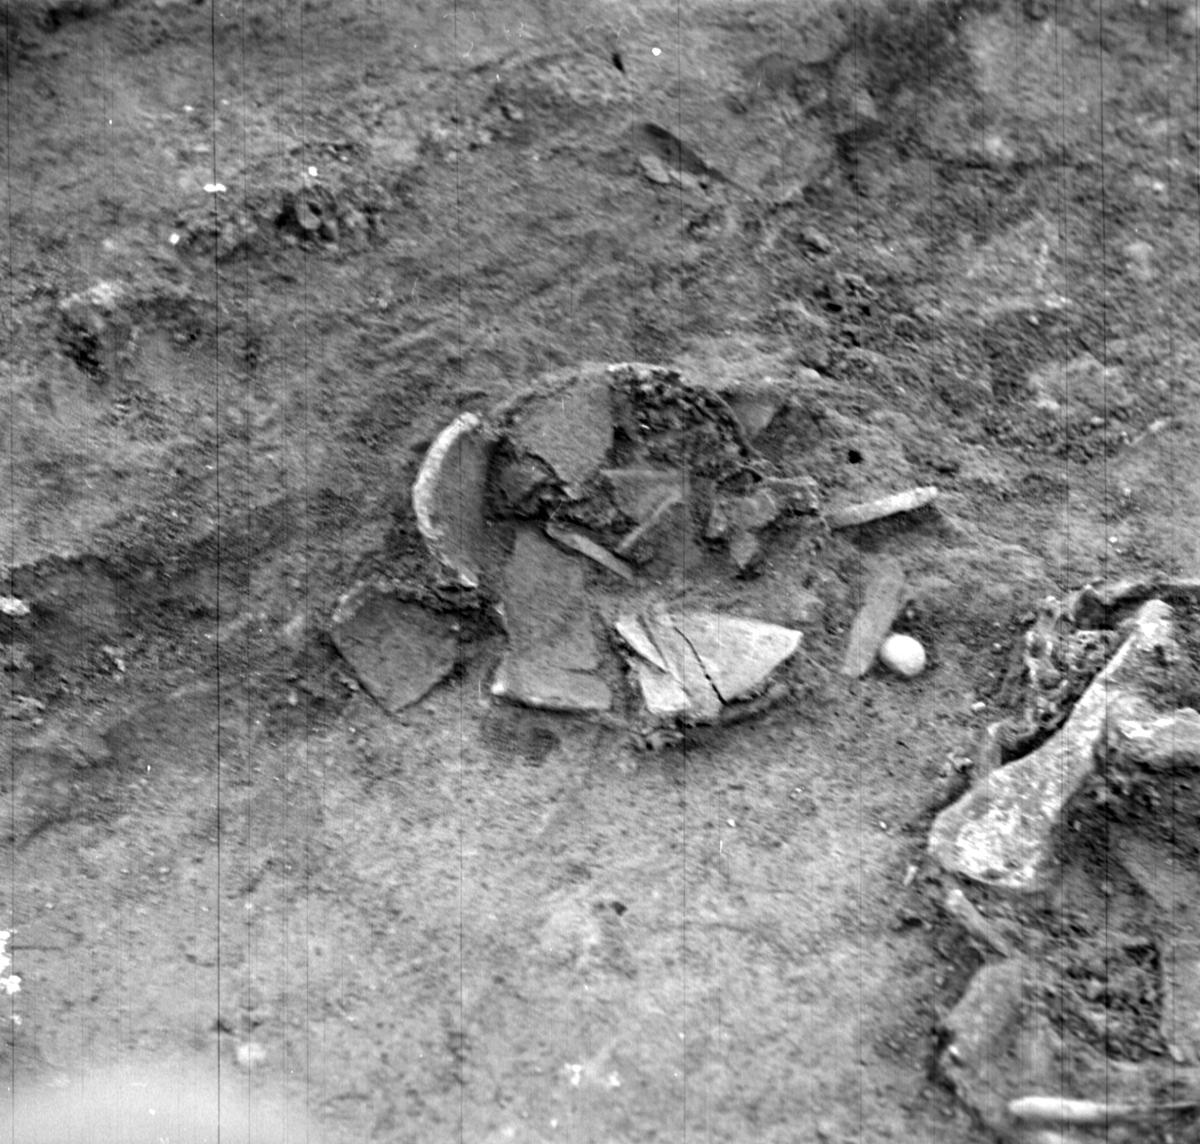 Prästgården, lerkärl grav 1 - Arkeologi Gamla Uppsala 1973